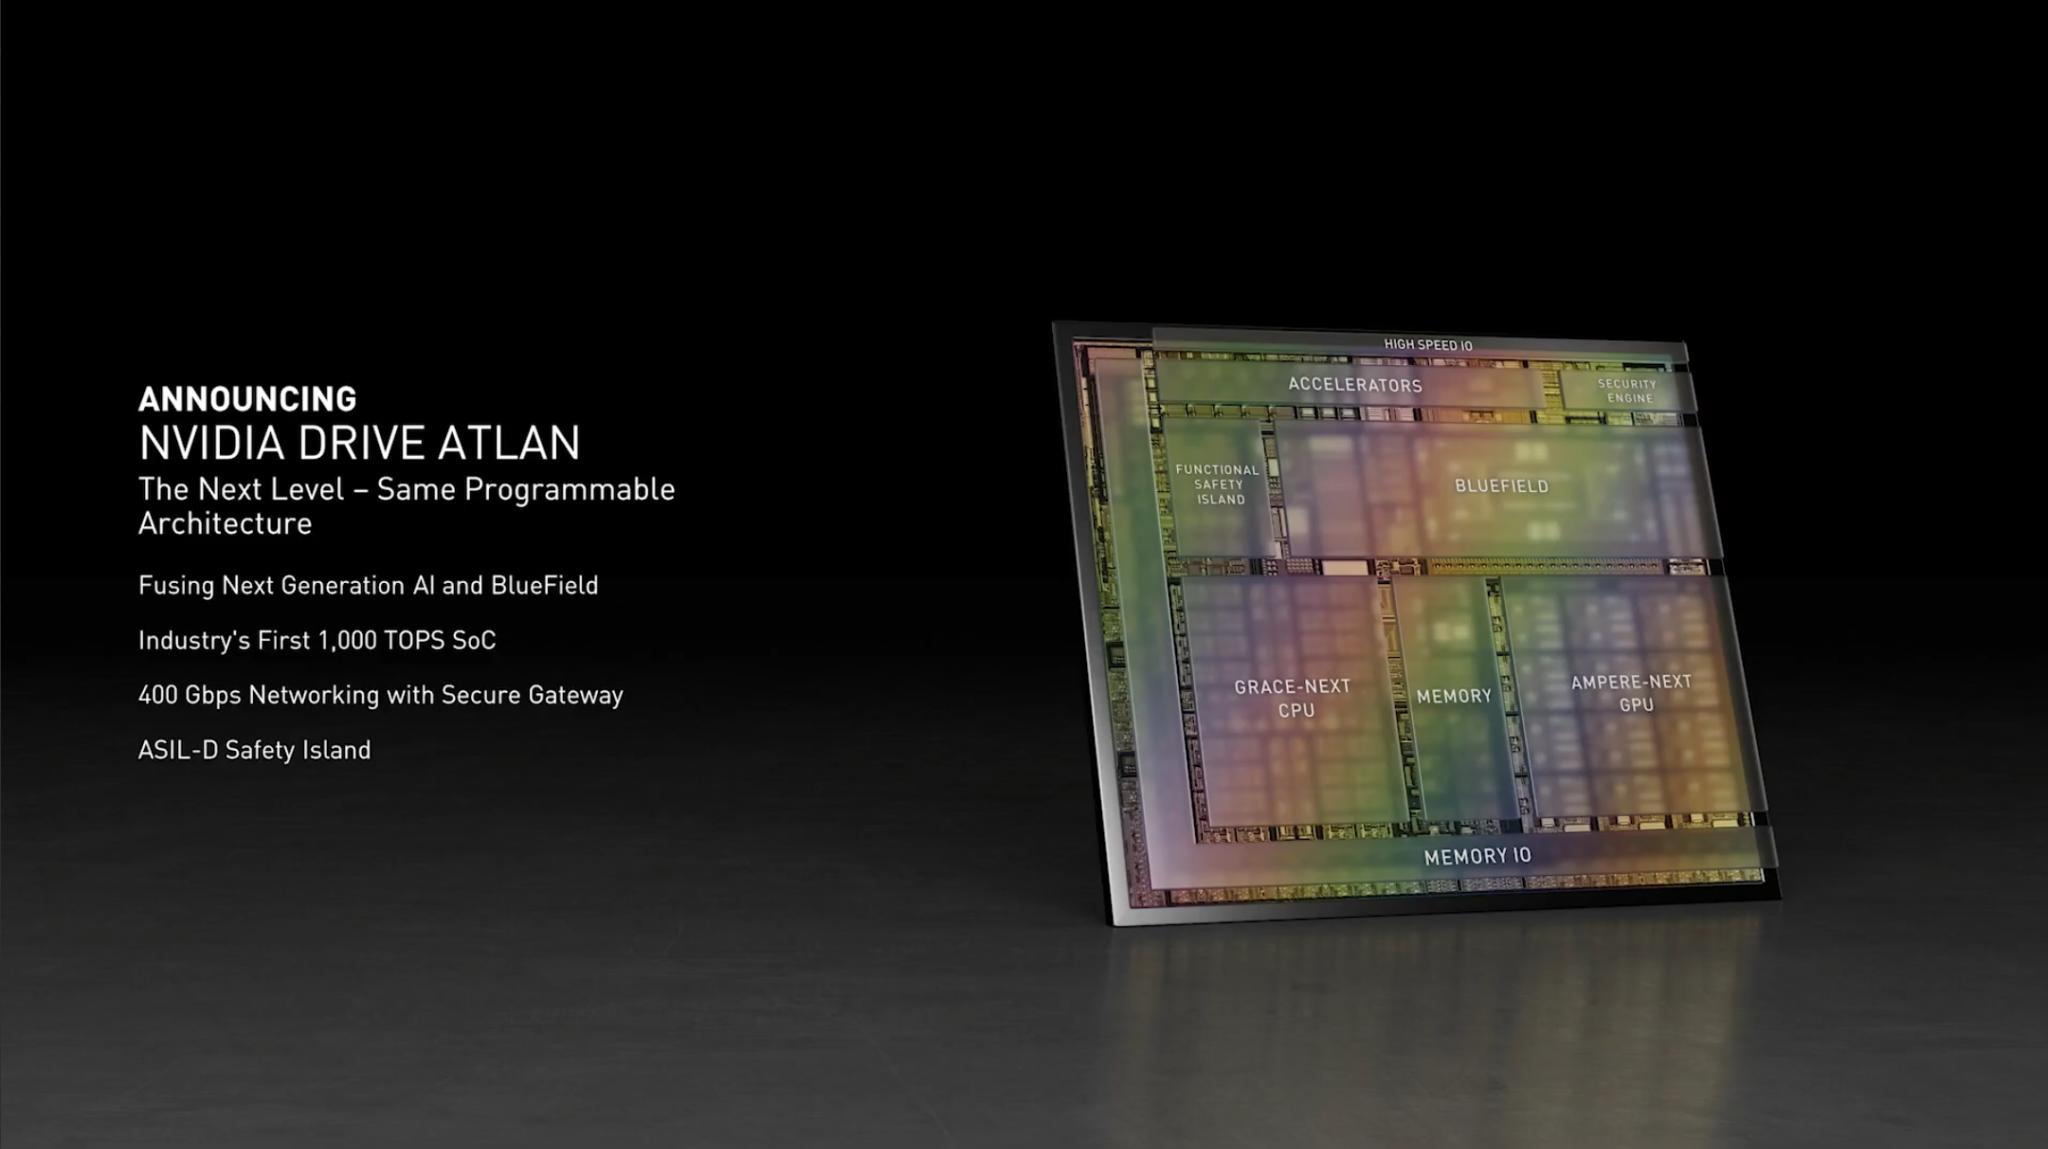 شركة NVIDIA تقوم بالكشف عن مجموعة الشرائح Atlan من الجيل التالي